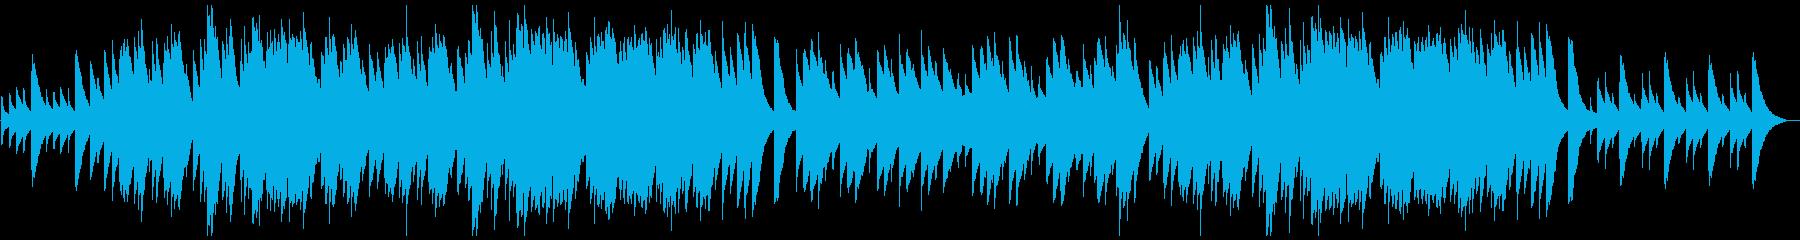 あやしいミステリアスなオルゴール風の再生済みの波形